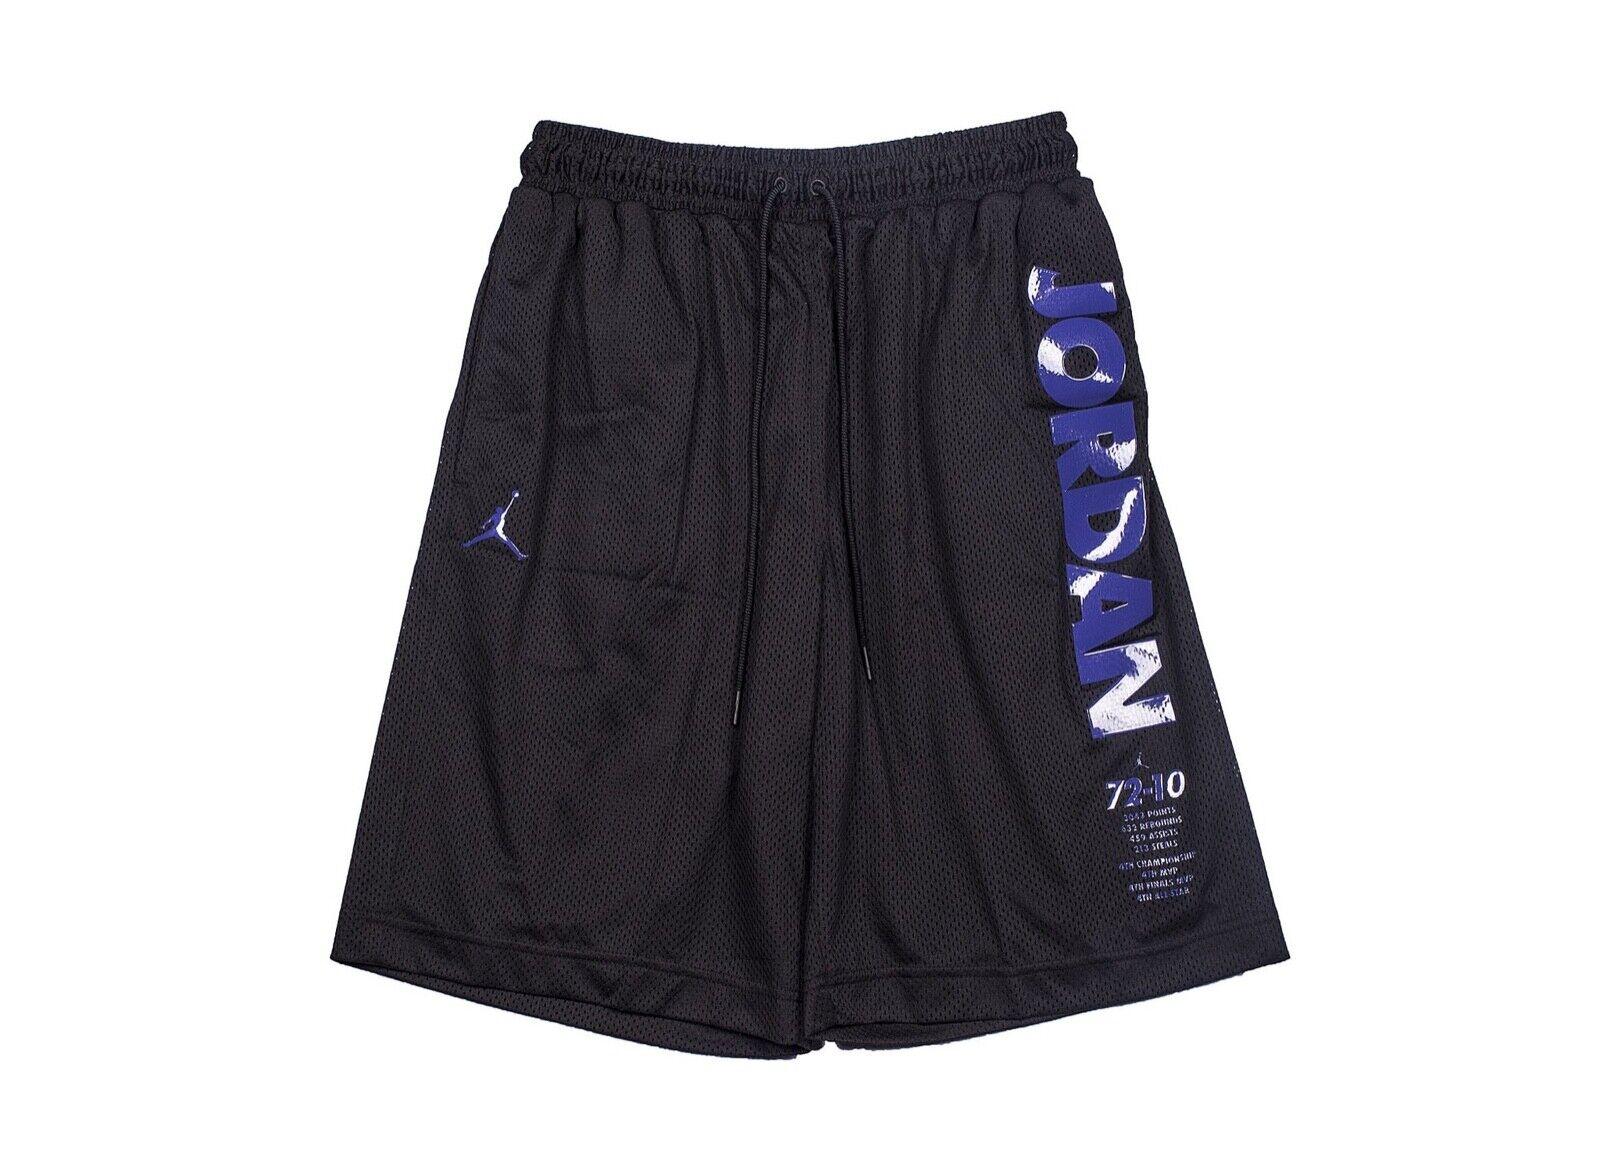 Men's Air Jordan Sports Wear AJ 11 Basketball Shorts Light Weight BQ0199 010